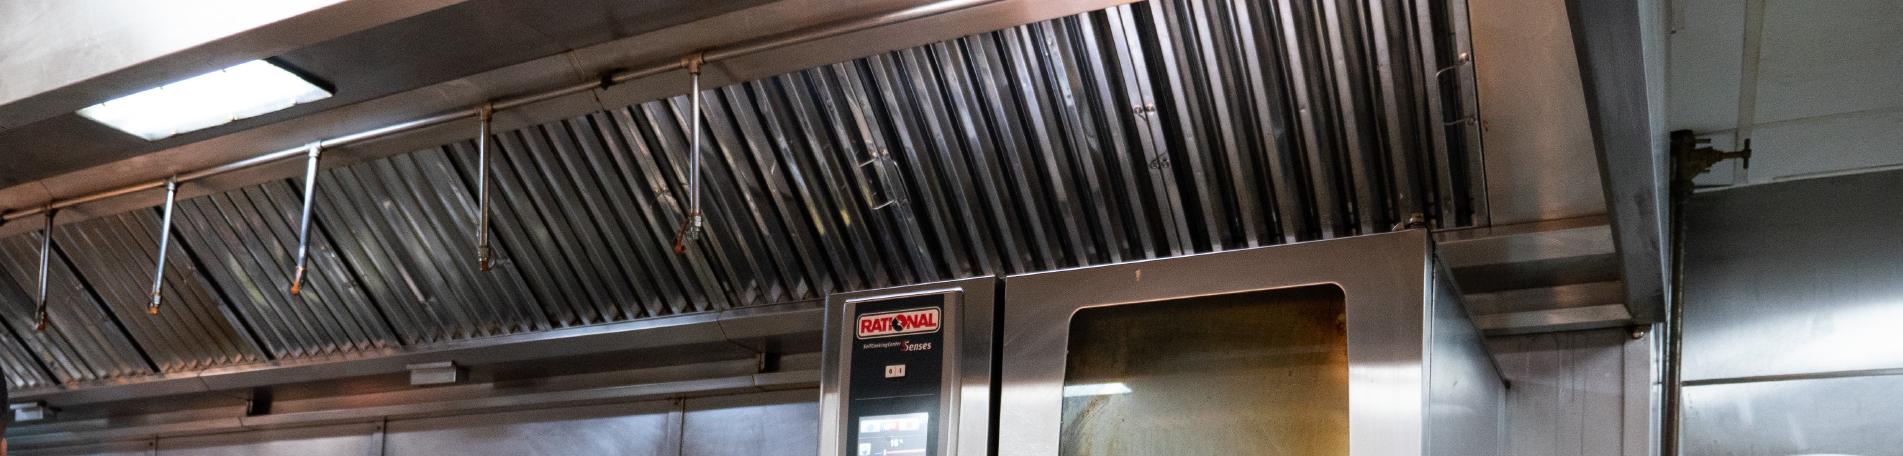 Commercial Ventilation Equipment Service Maintenance